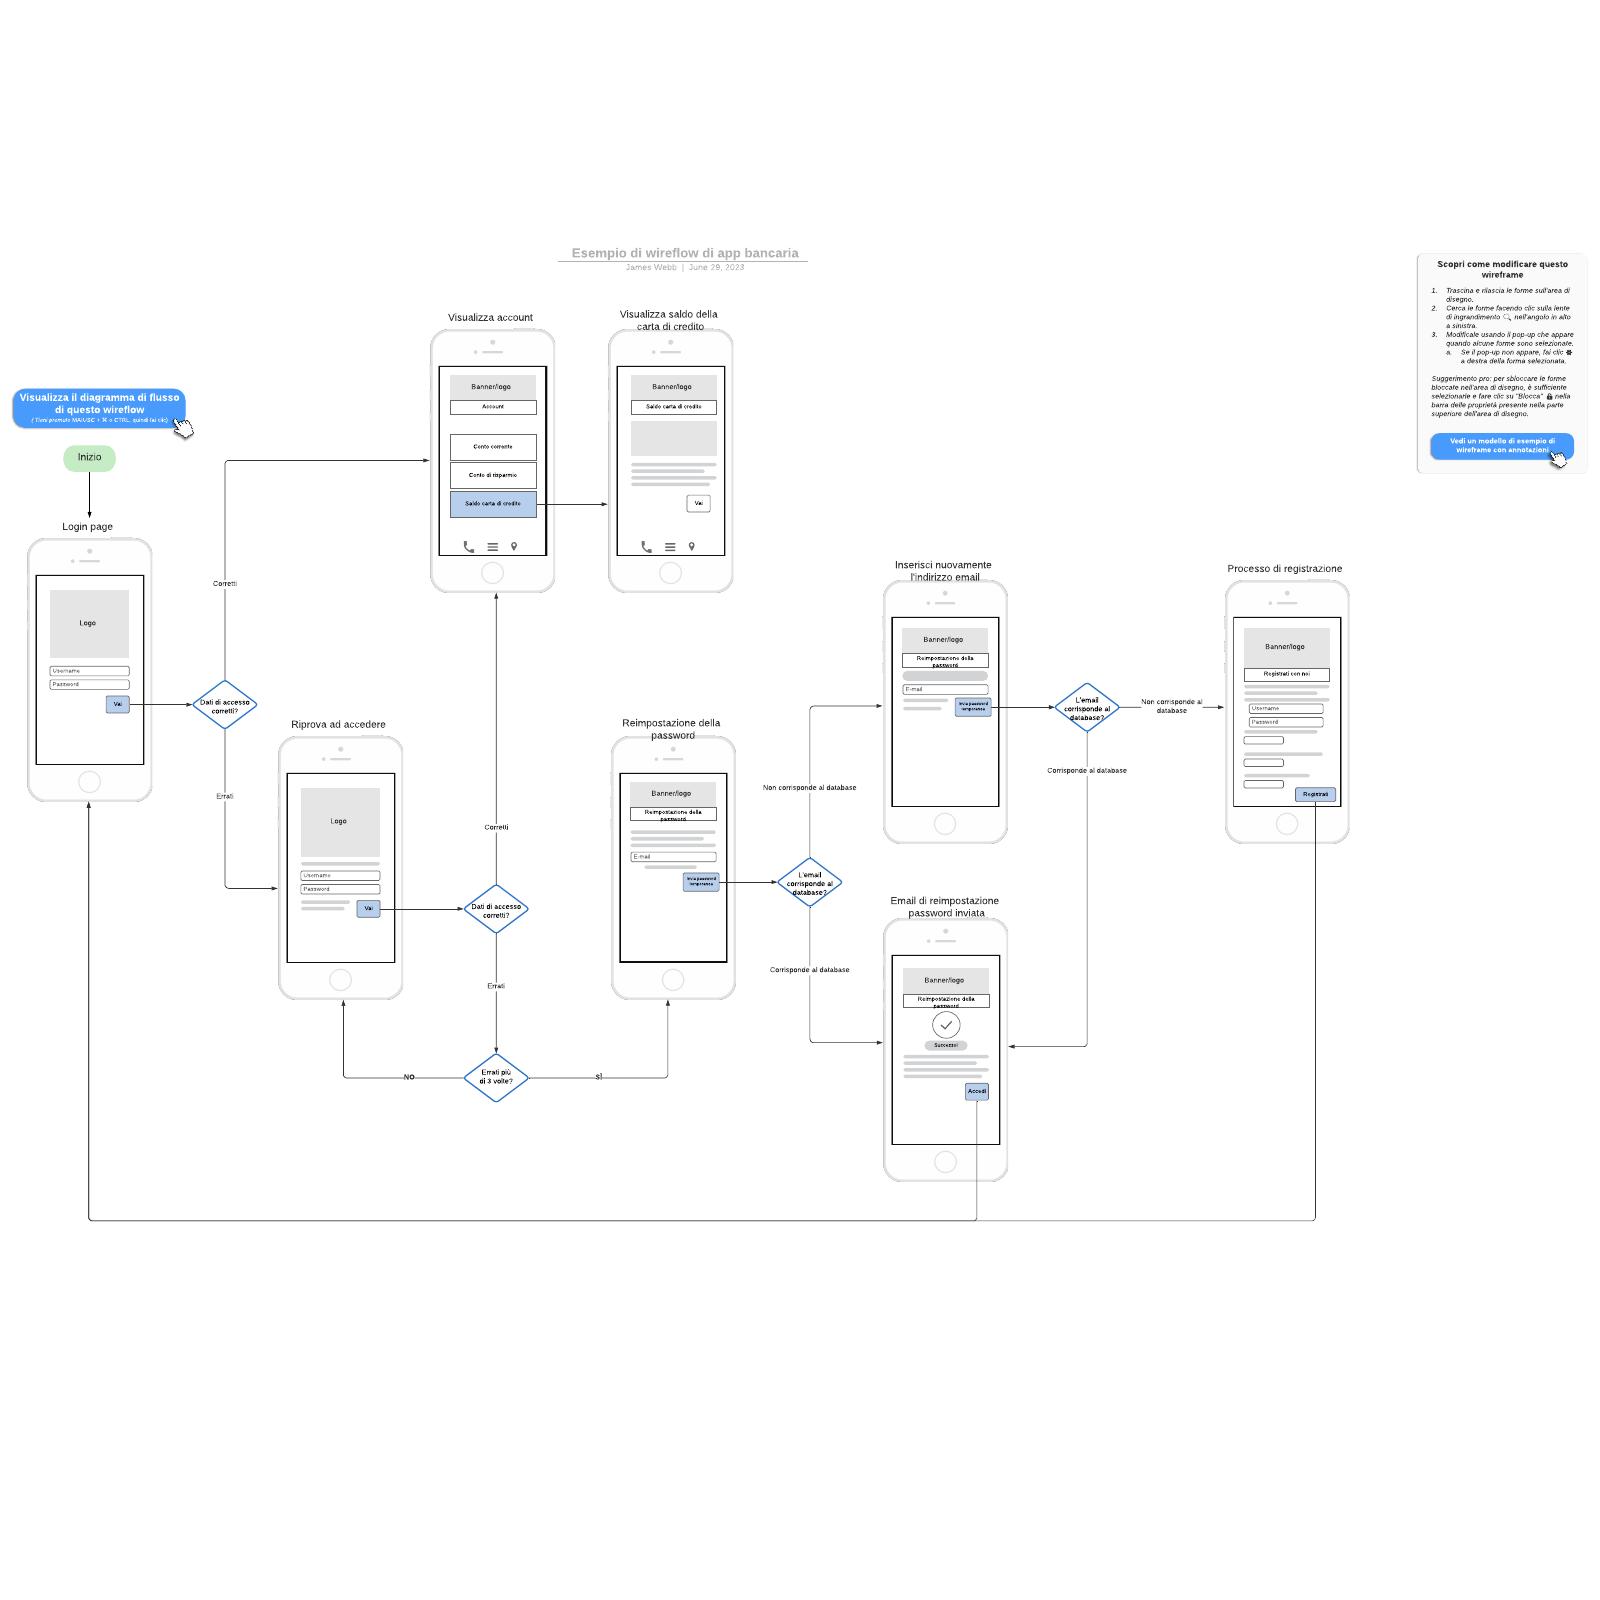 Esempio di wireflow di app bancaria